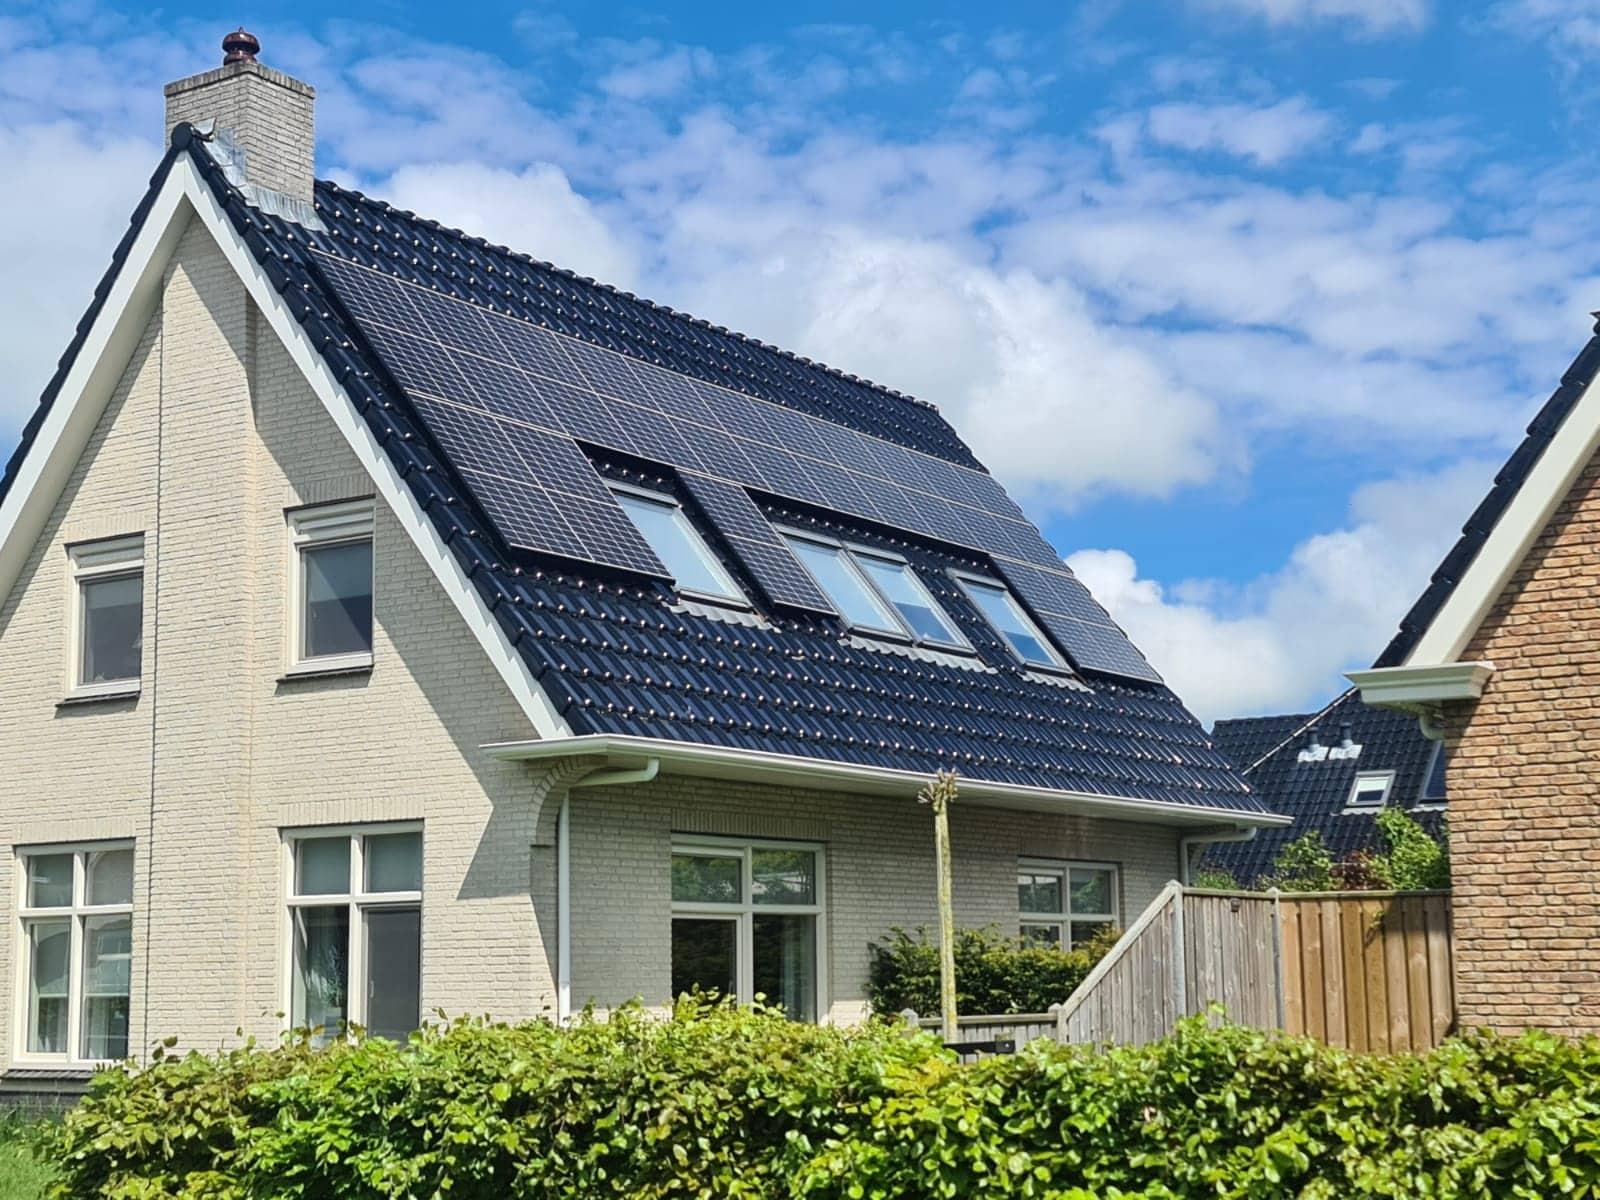 Werken zonnepanelen als de zon niet schijnt?